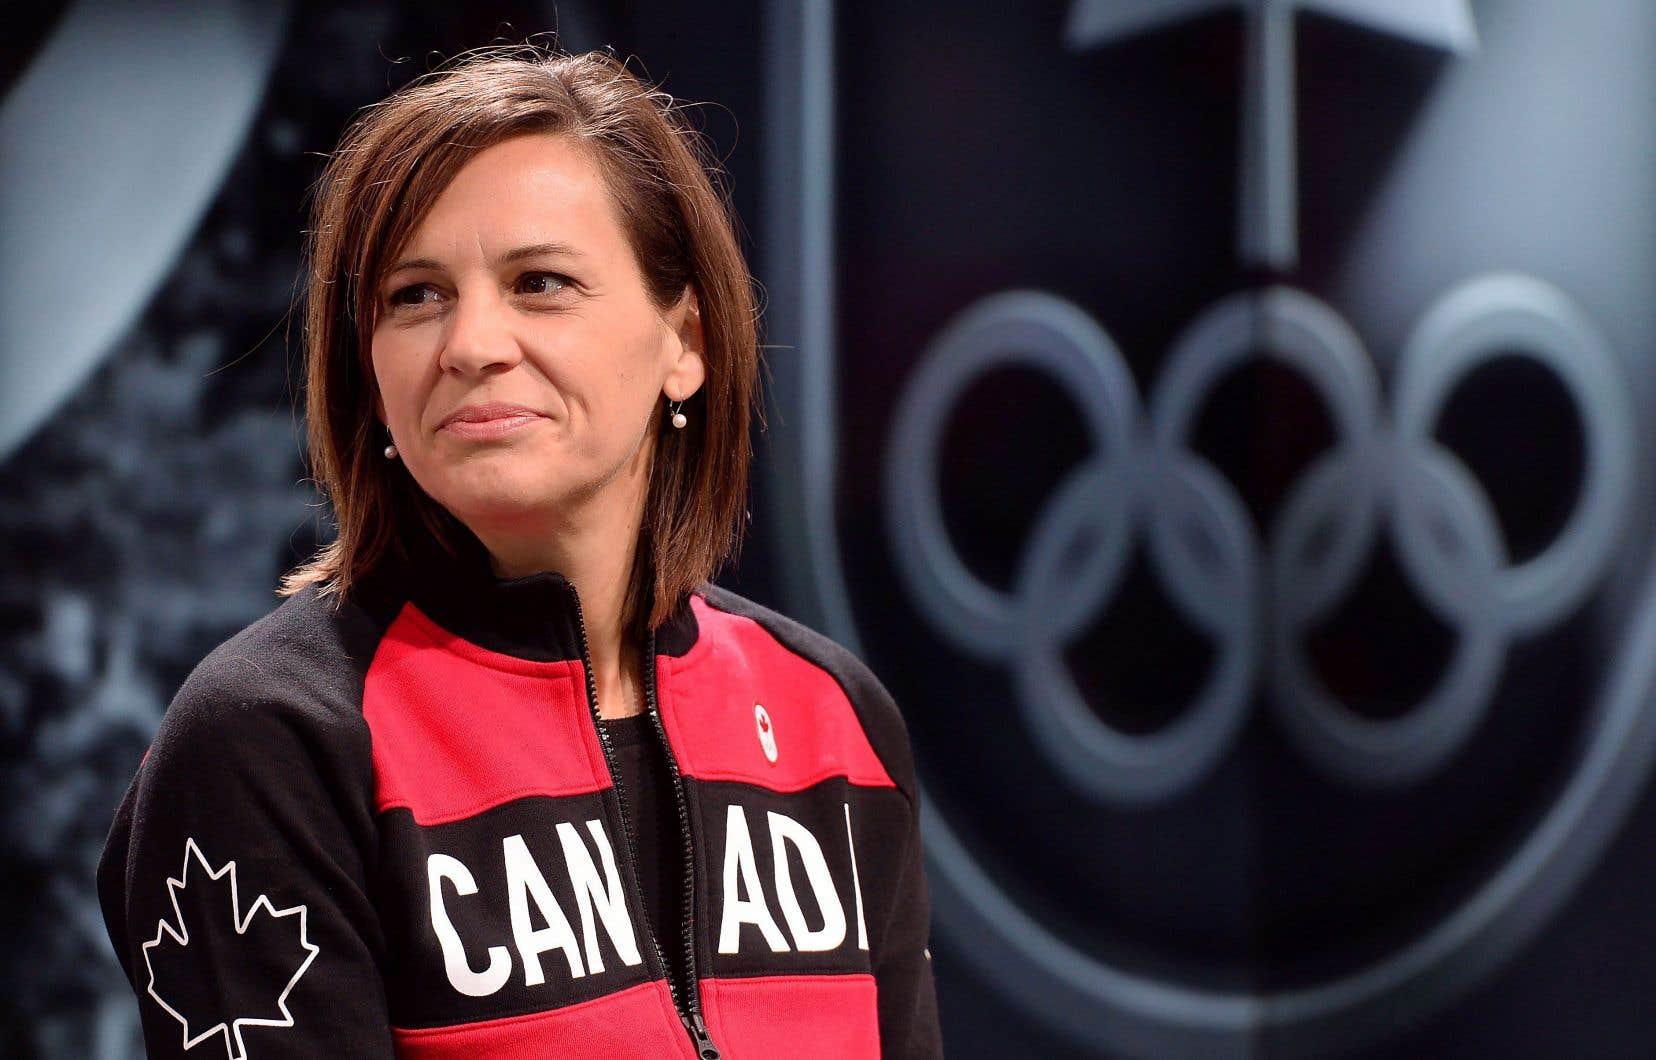 Chef de mission aux prochains Jeux olympiques, Isabelle Charest veut profiter de sa tribune pour promouvoir le sport auprès des filles.